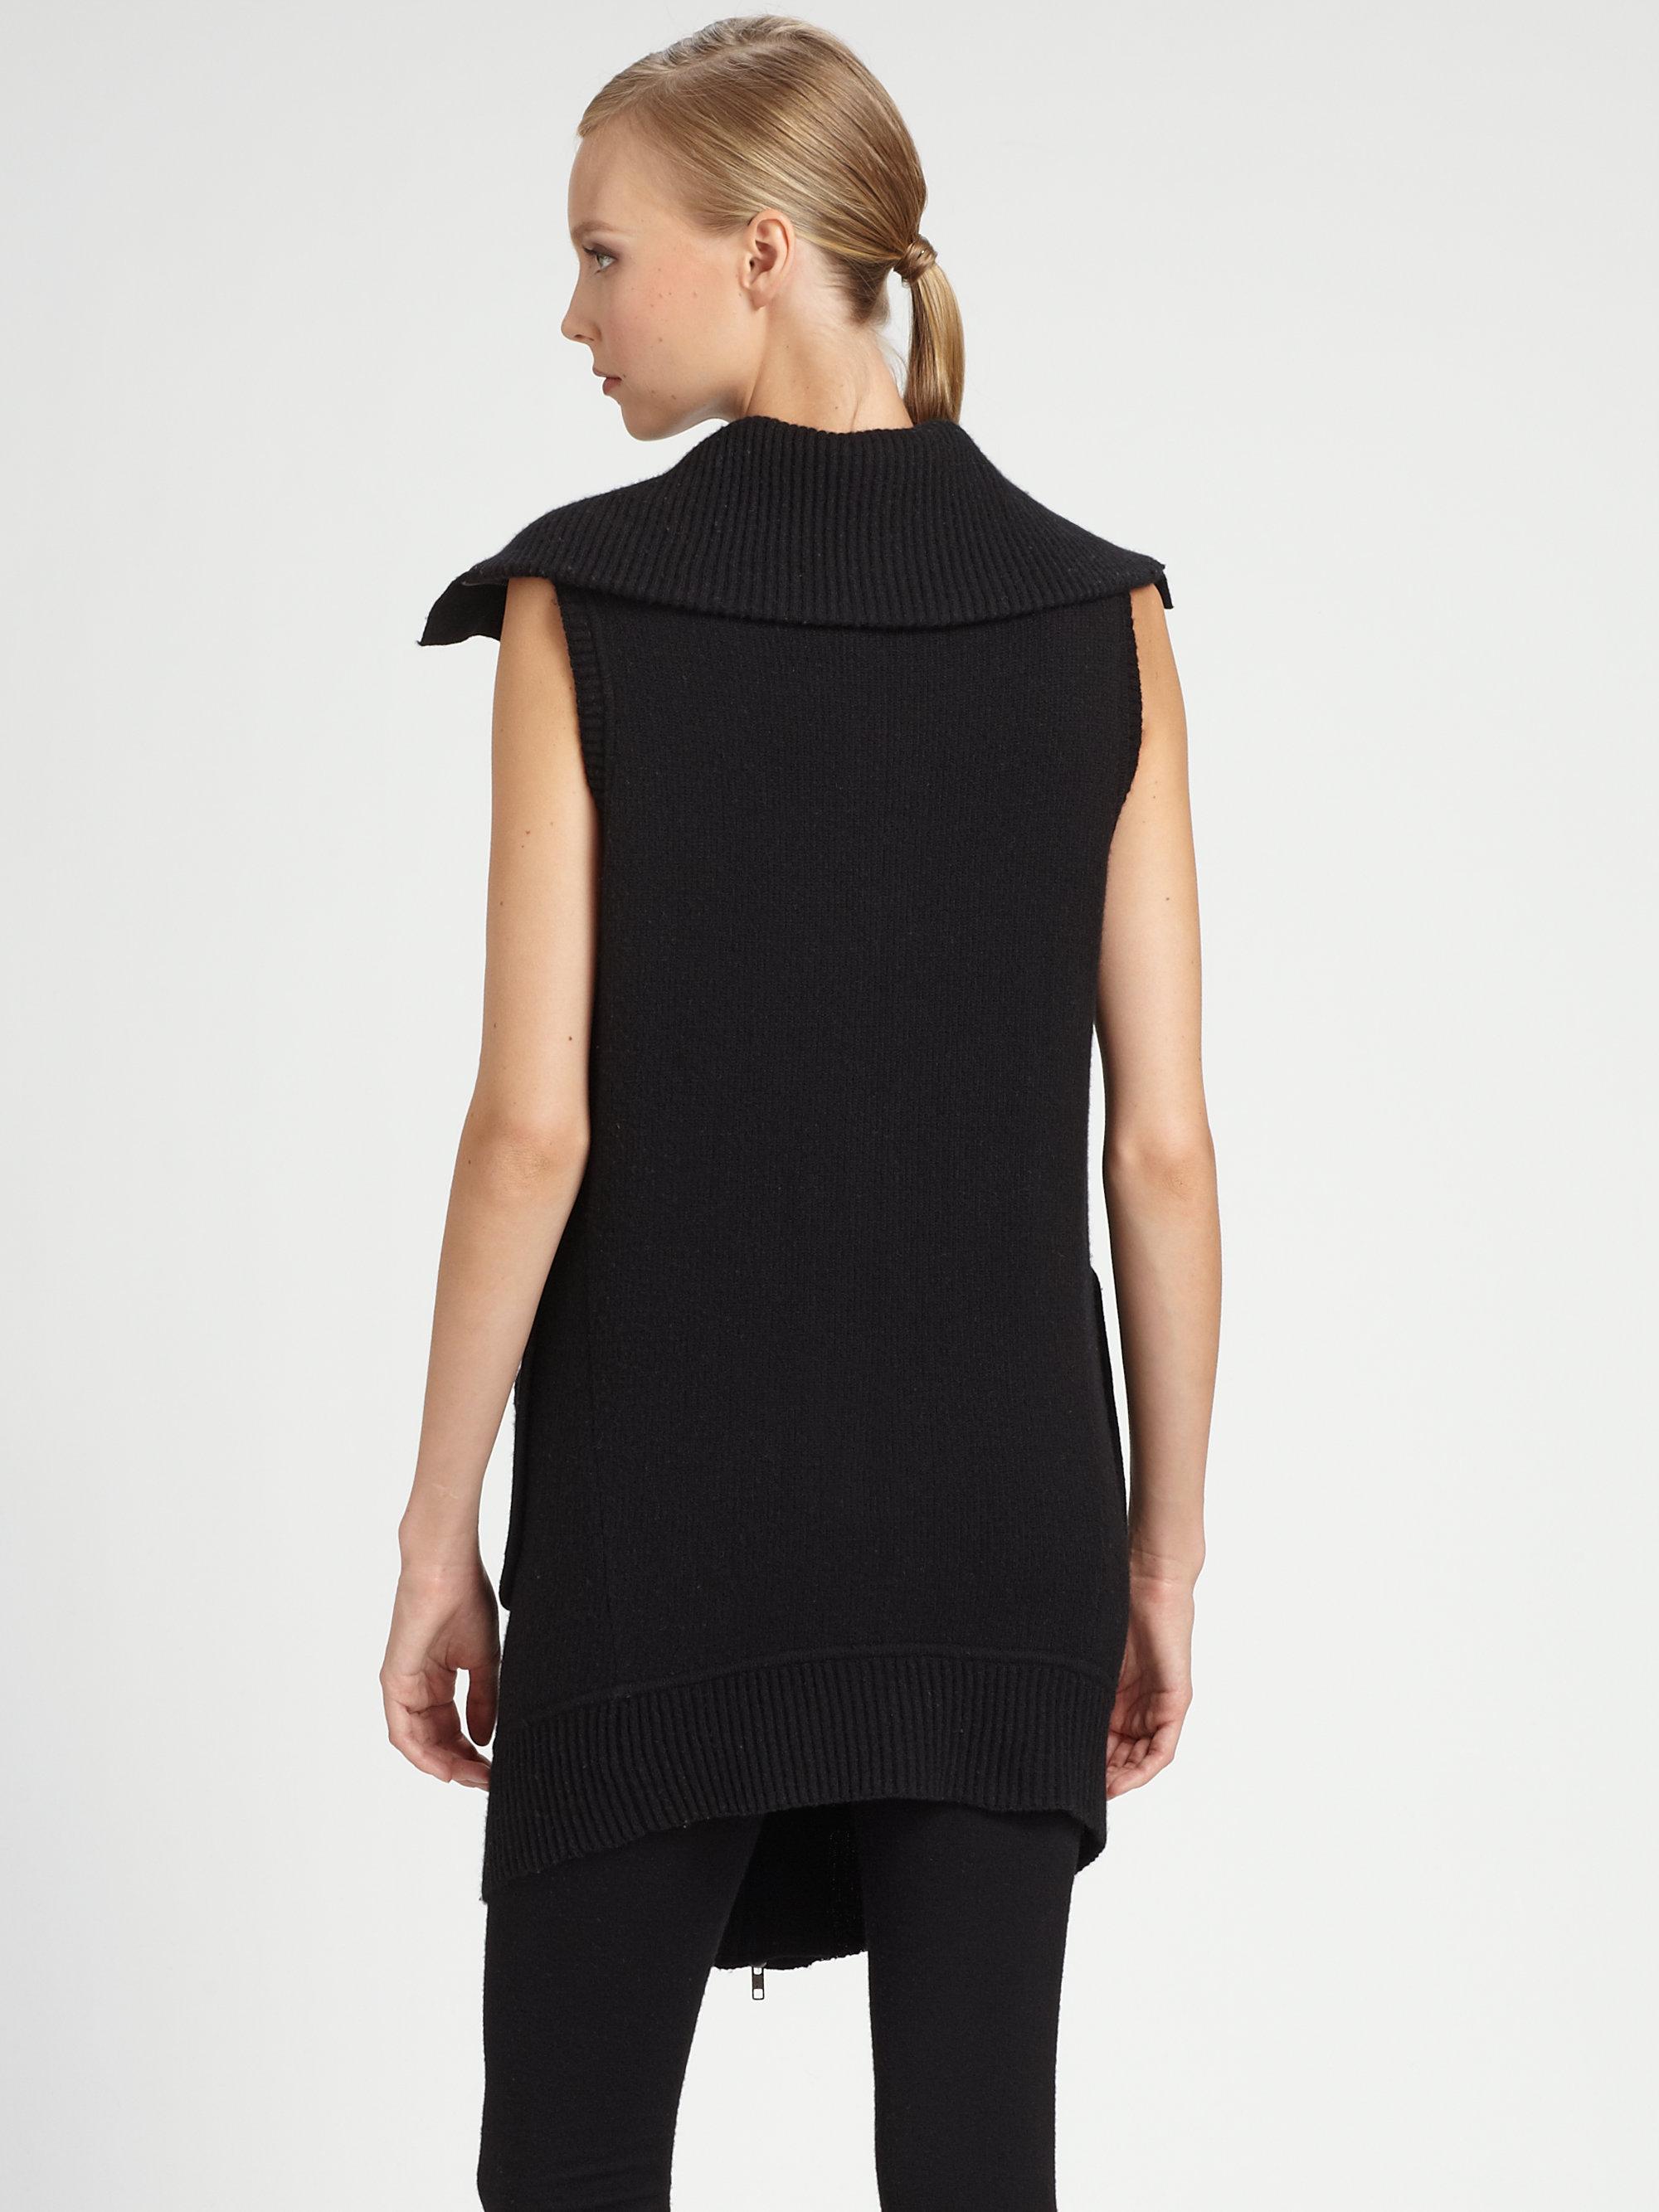 donna karan boiled cashmere vest in black lyst. Black Bedroom Furniture Sets. Home Design Ideas